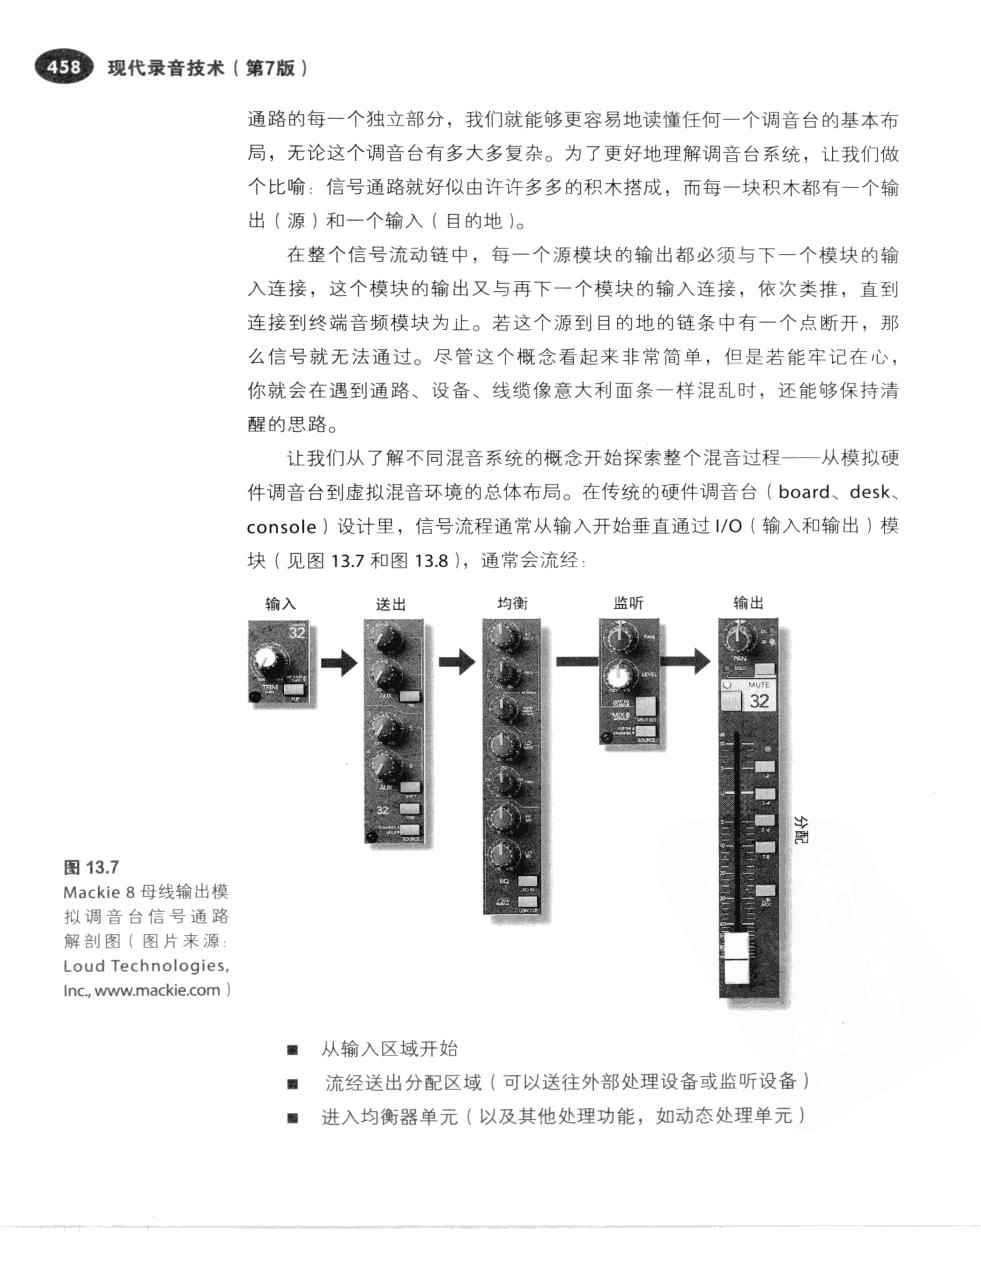 现代录音技术(第7版) 485